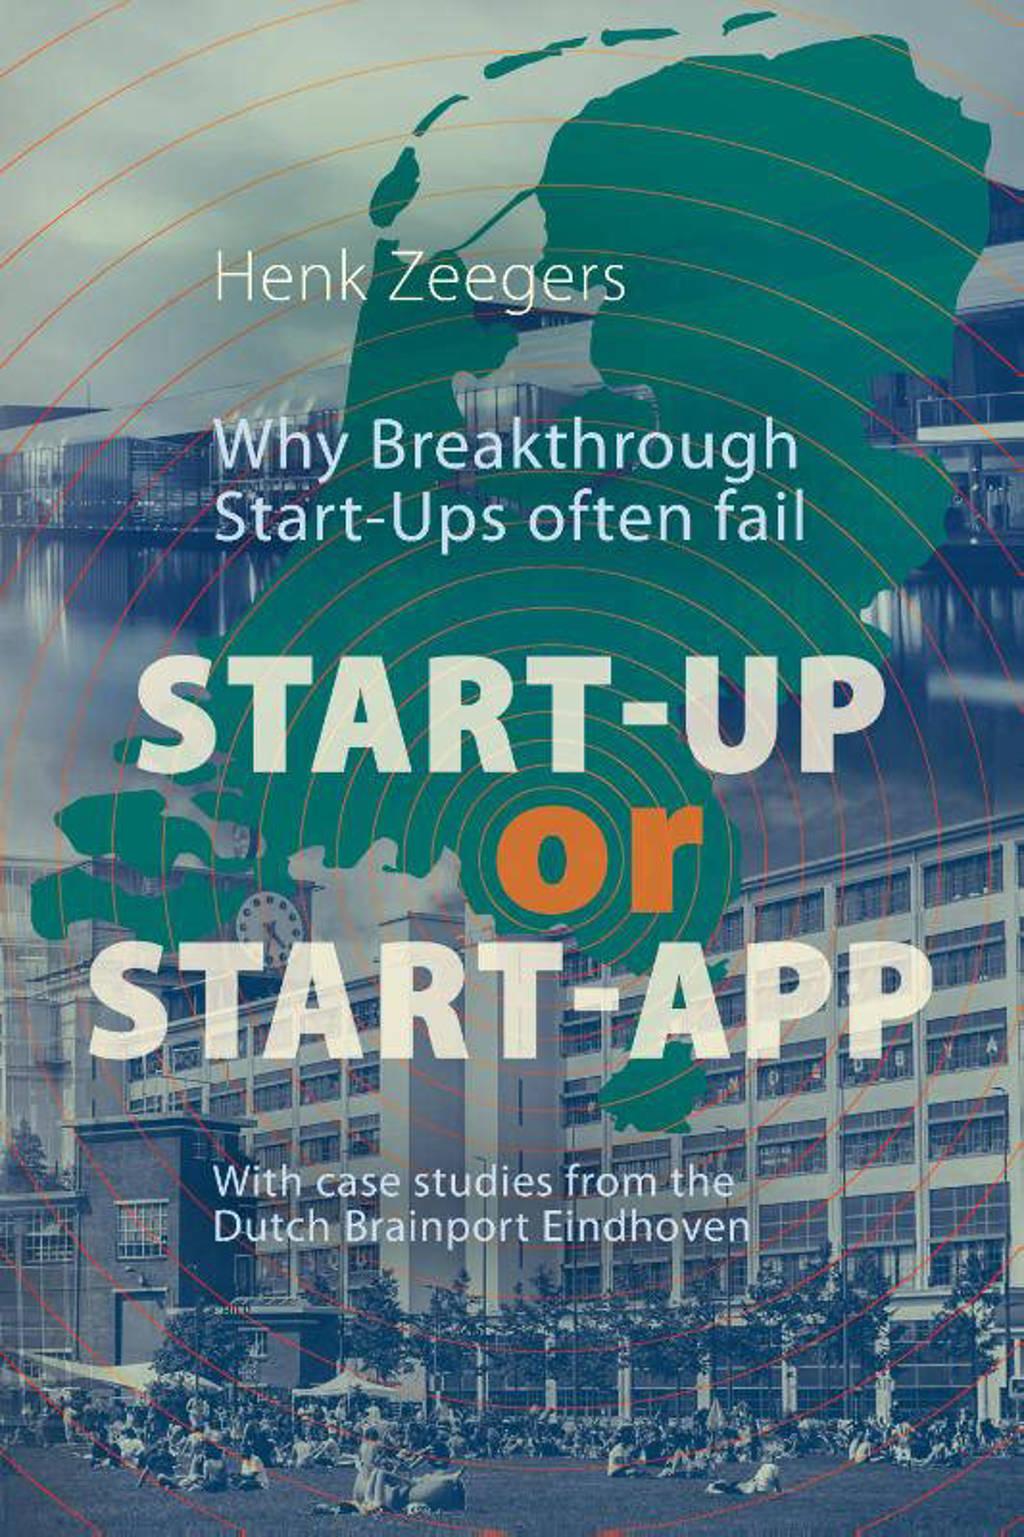 Start-Up or Start-App - Henk Zeegers